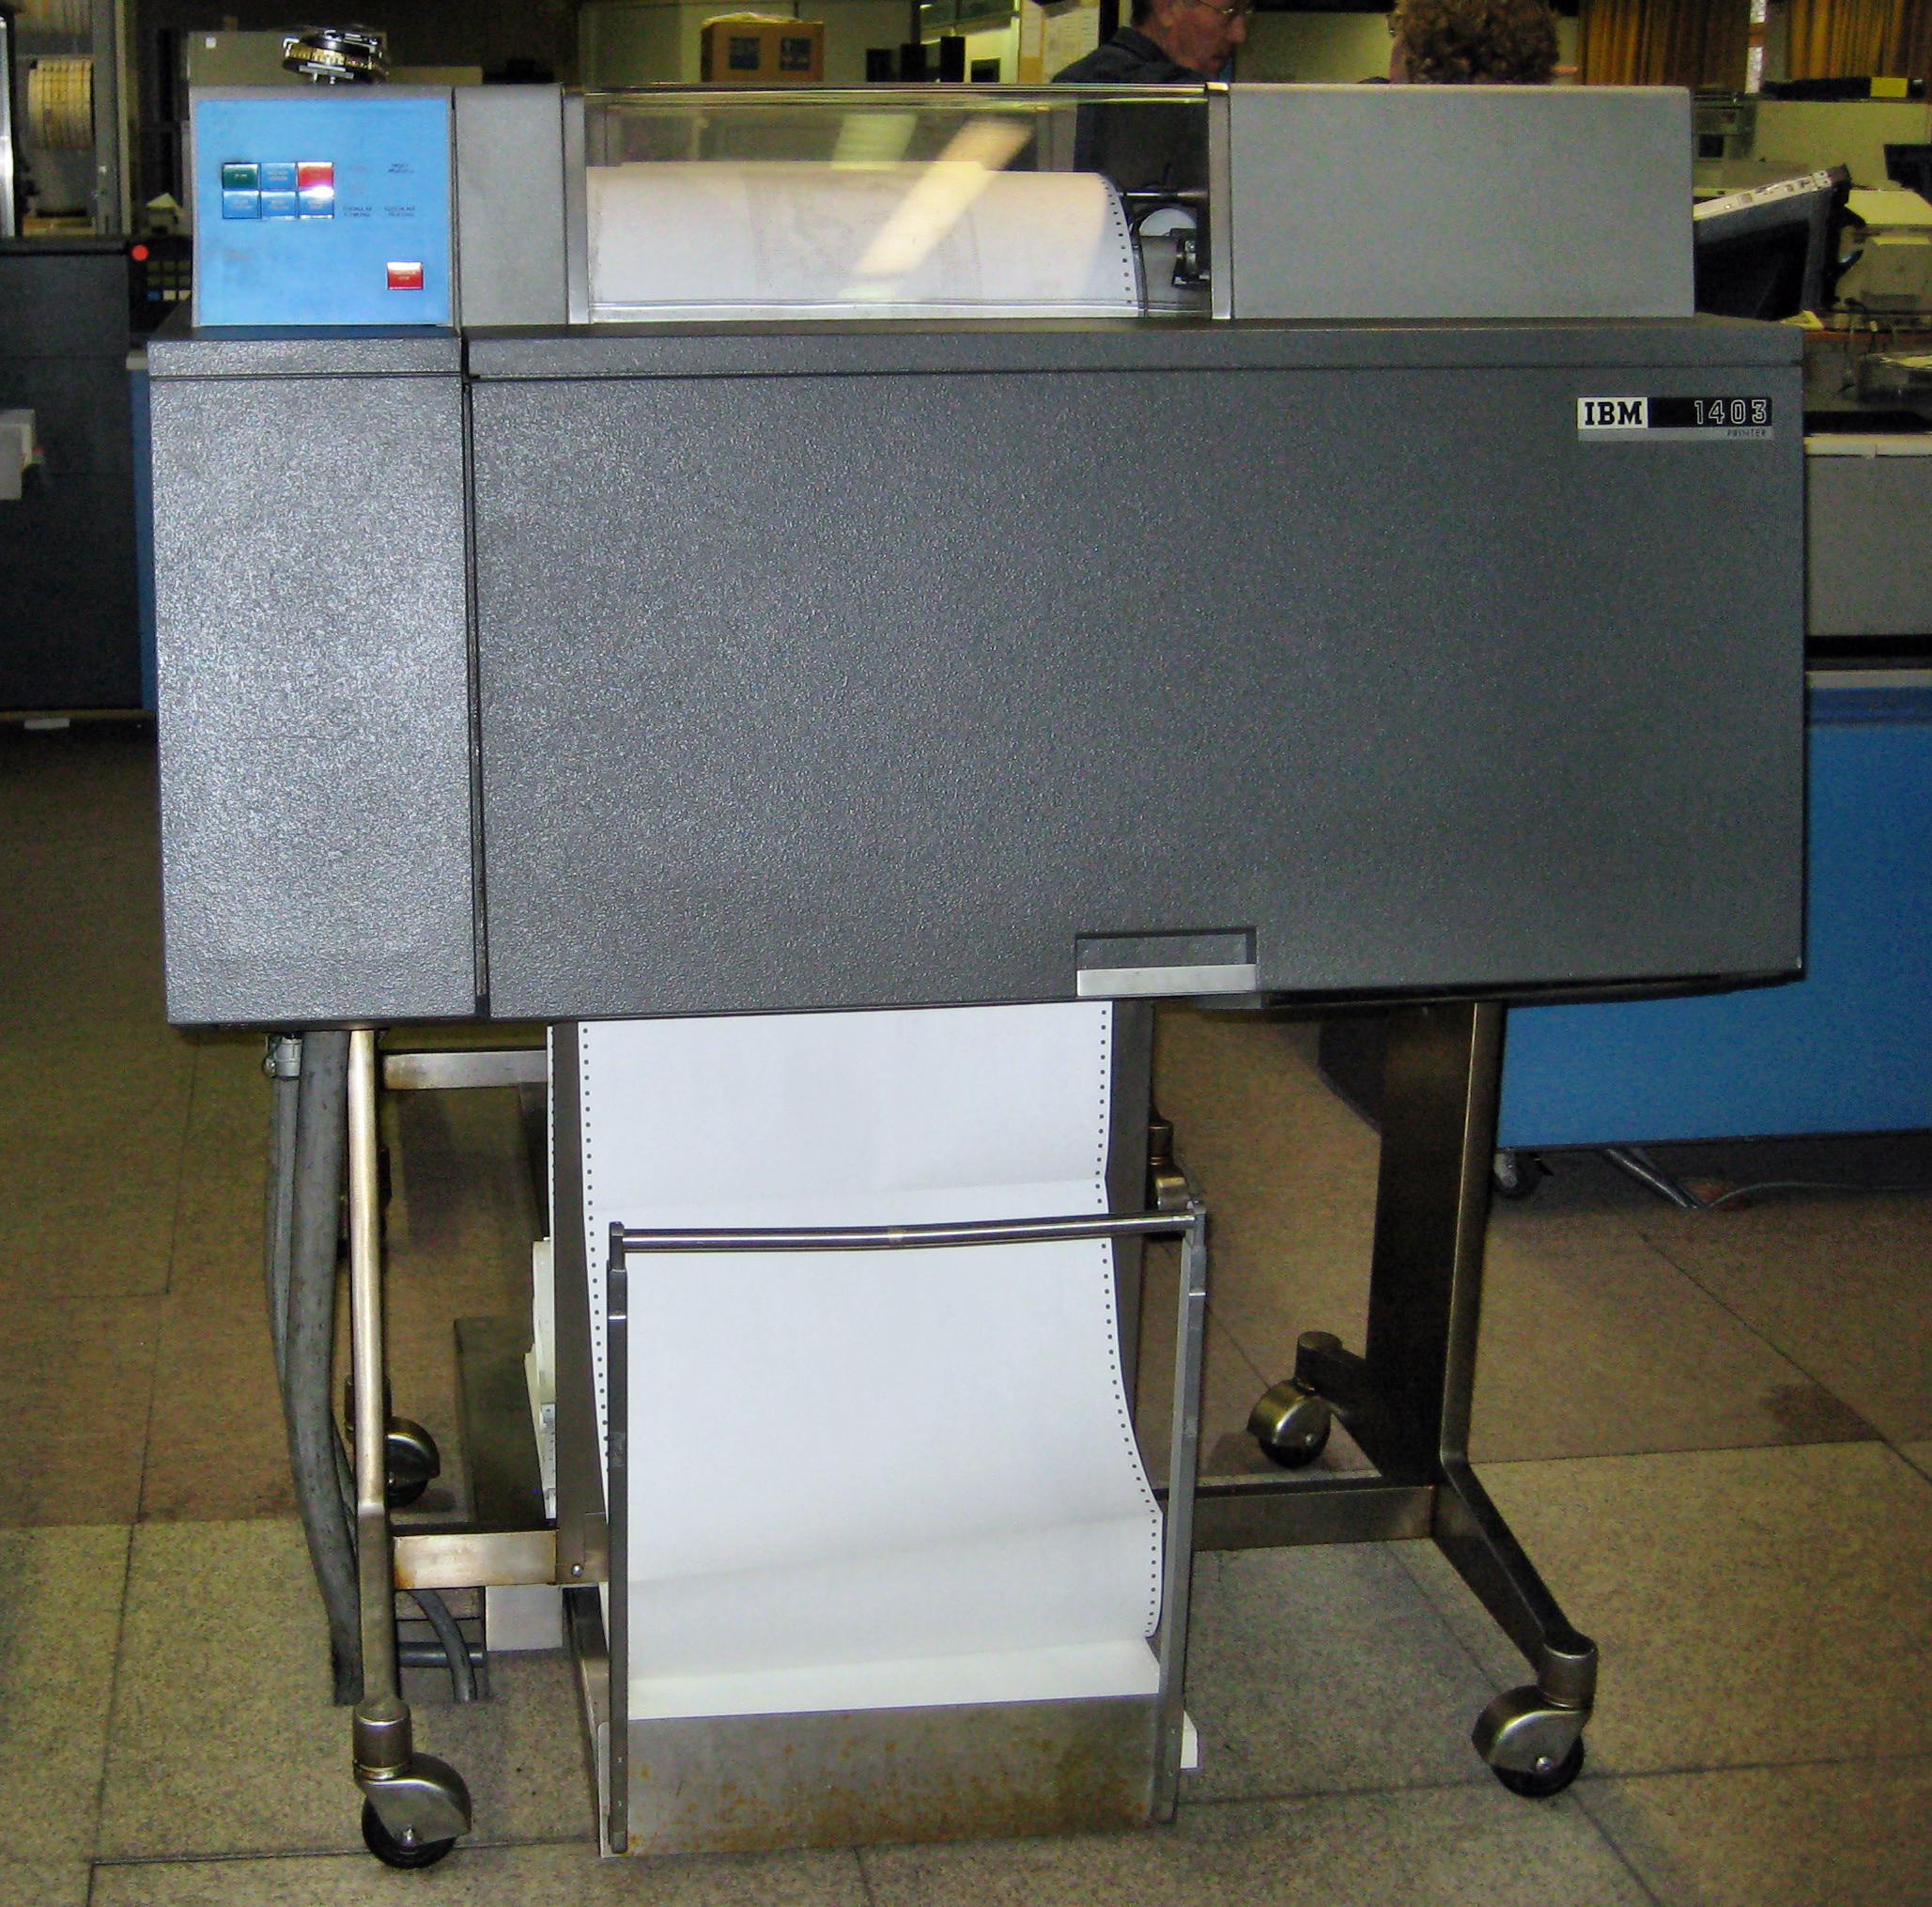 1403lineprinter